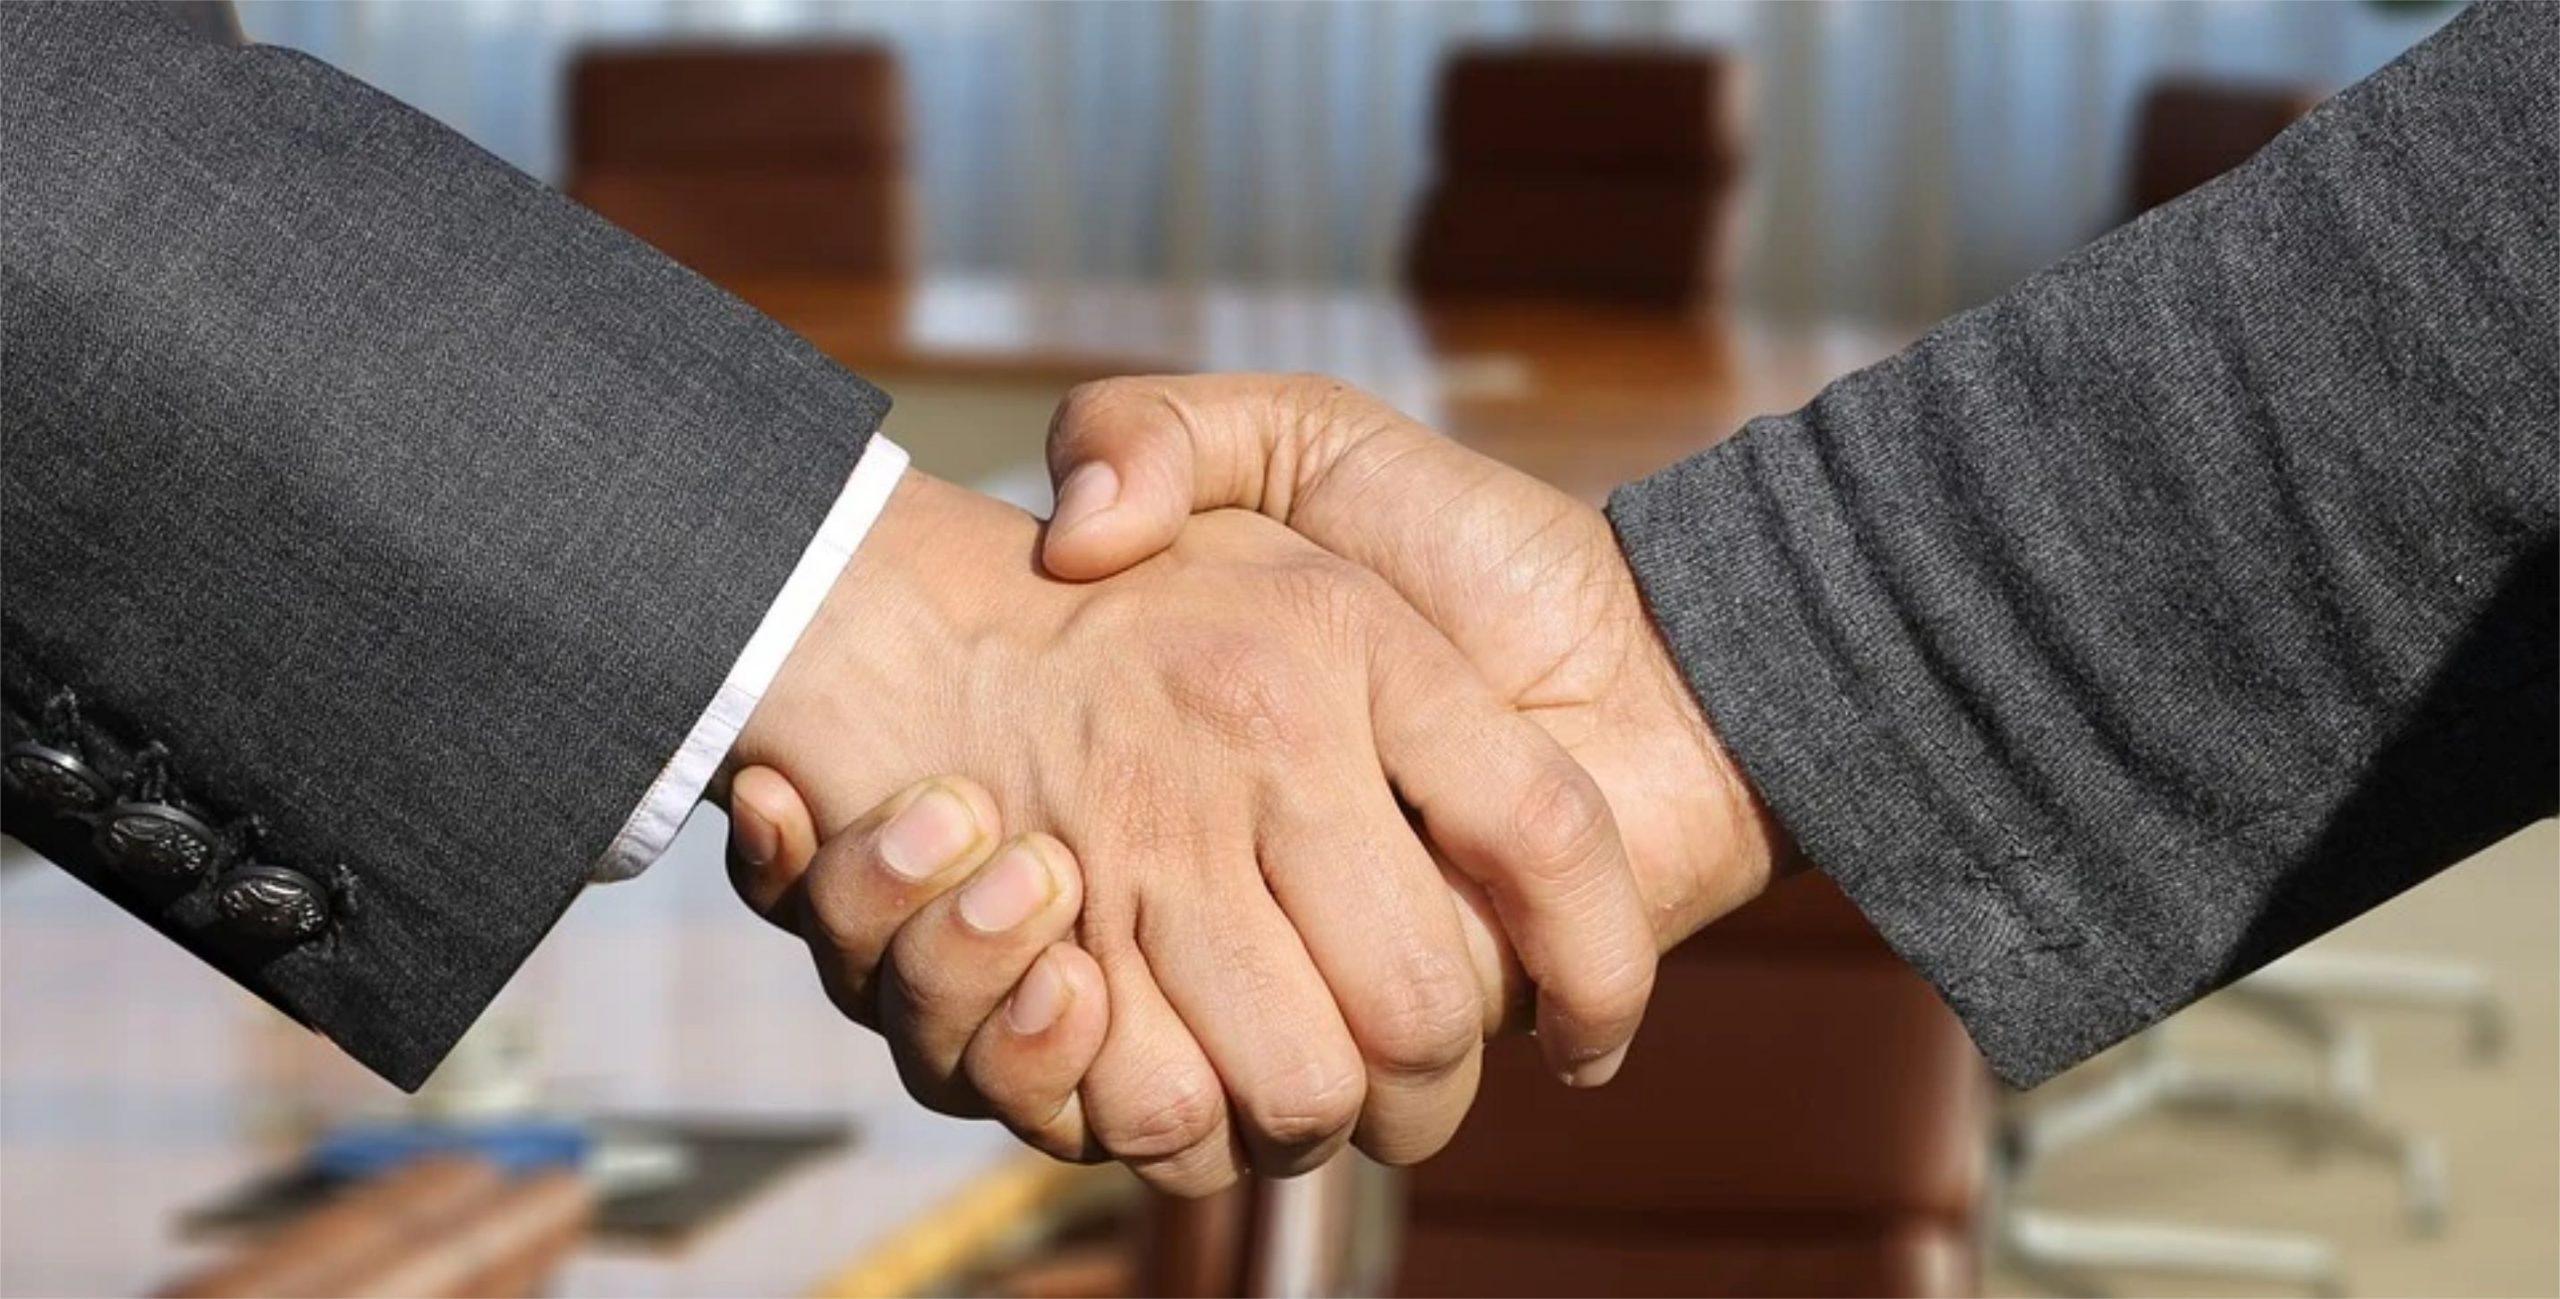 Pesquisa da Bain revela que clientes de seguradoras preferem canais de contato humano